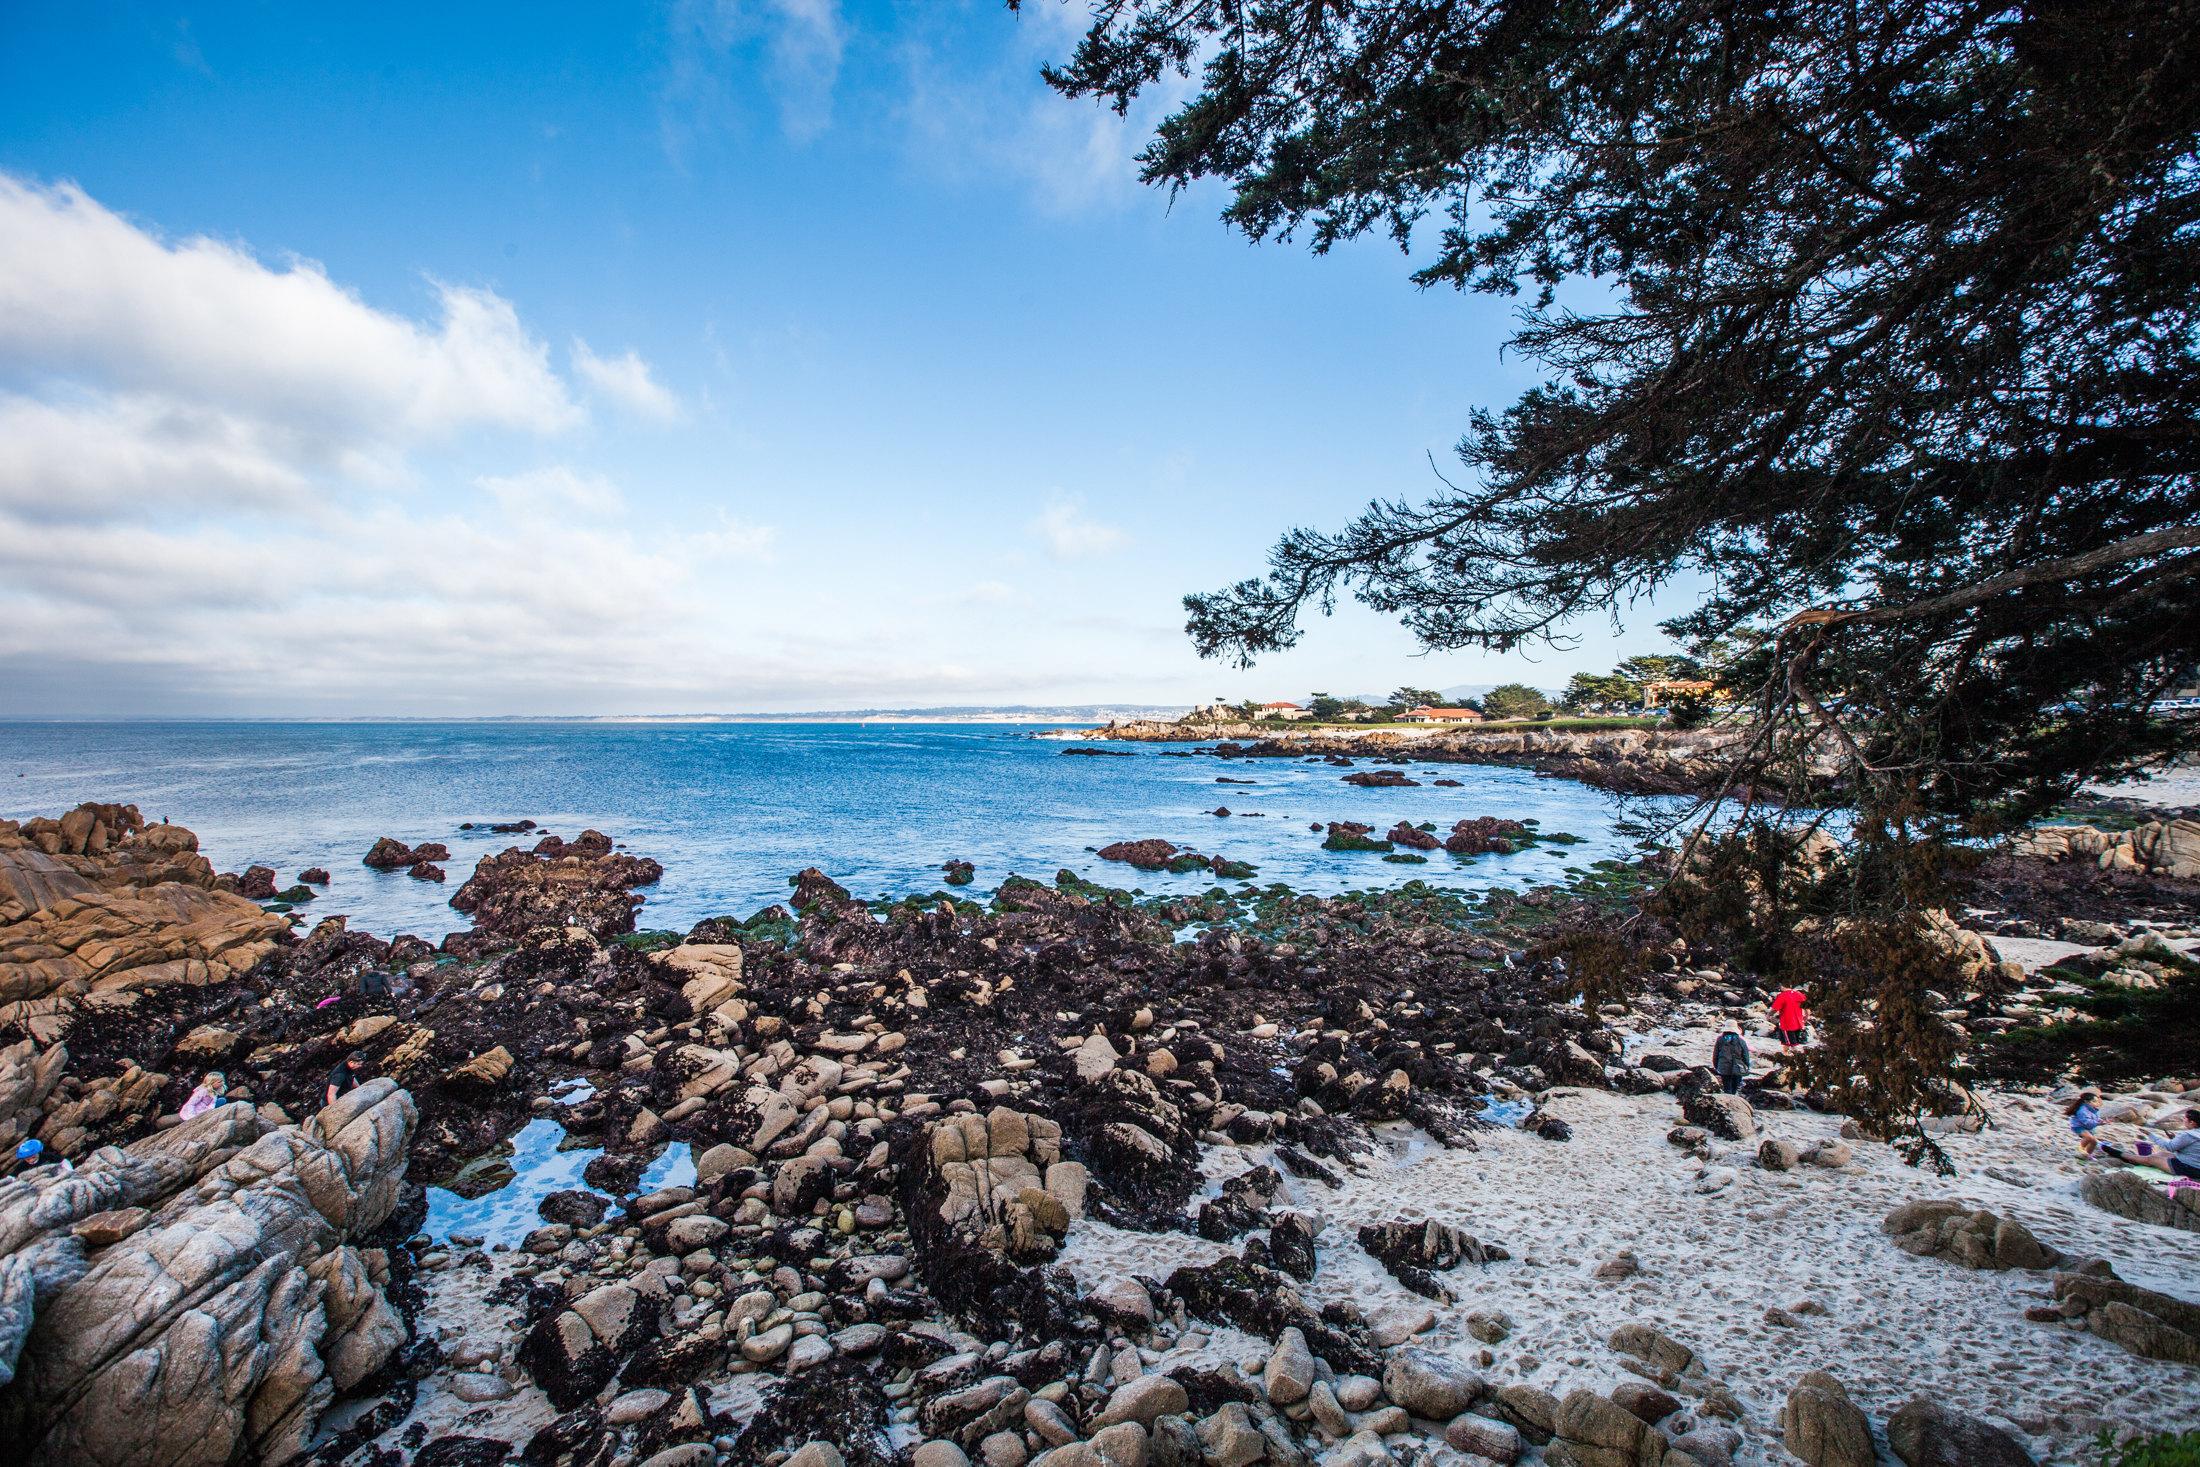 蒙特雷湾旅游景点图片